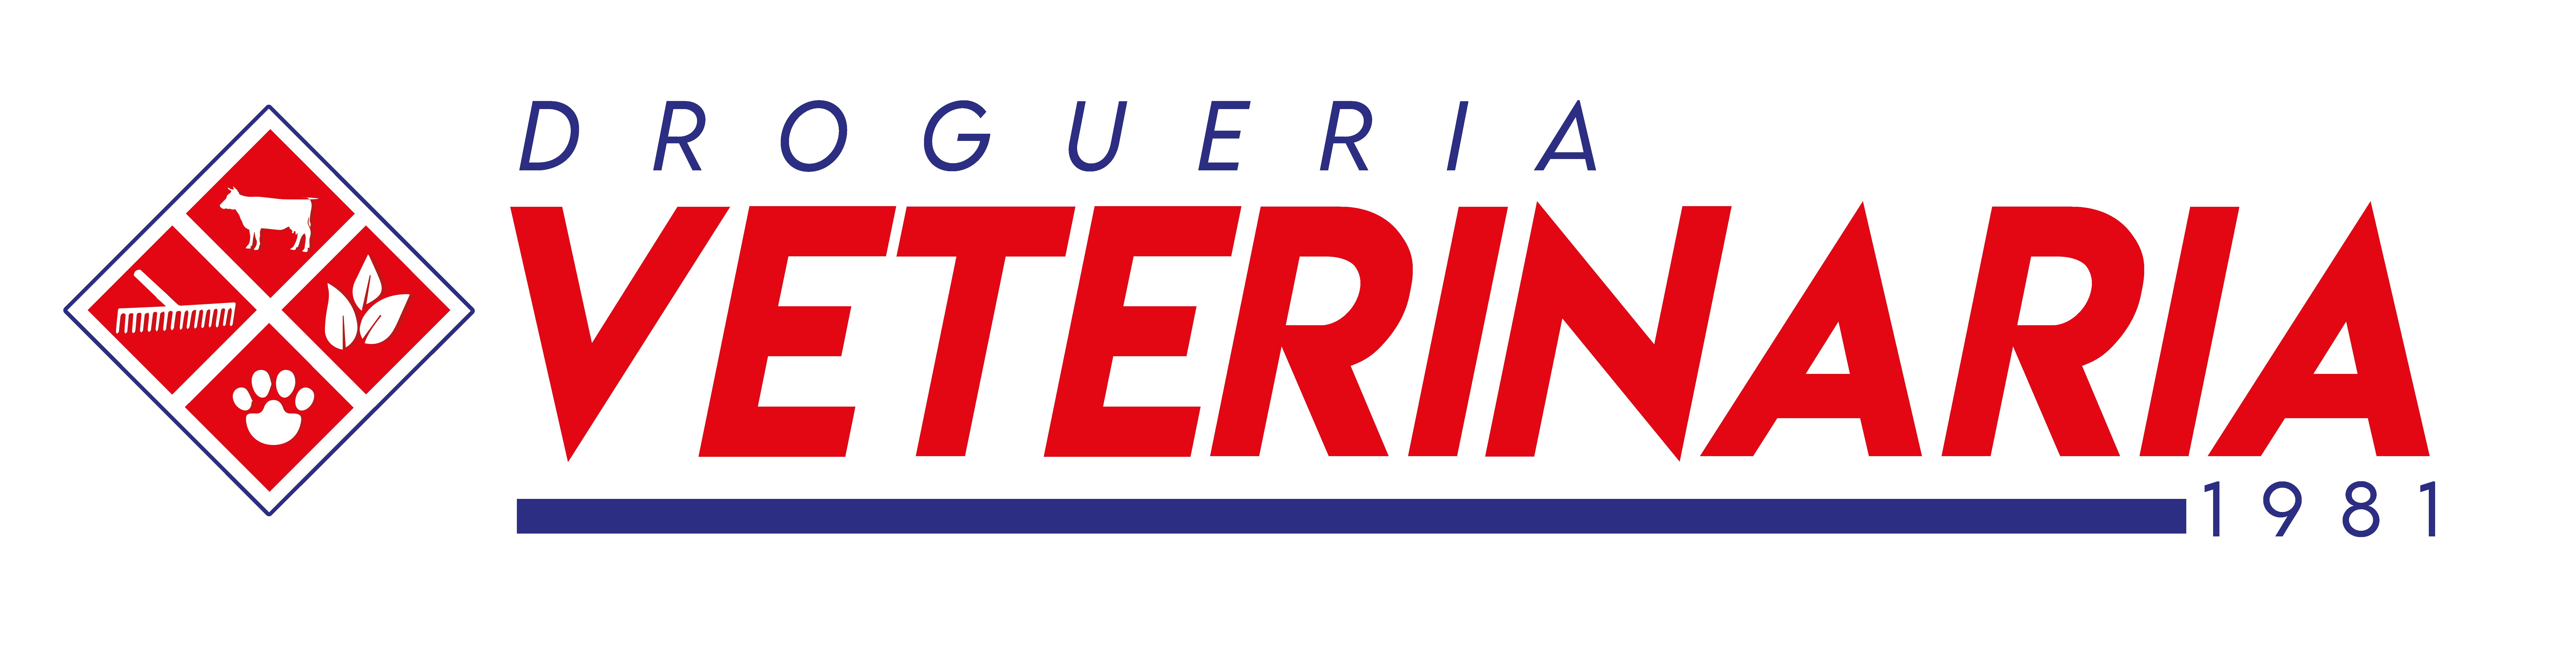 Droguería Veterinaria Ltda.